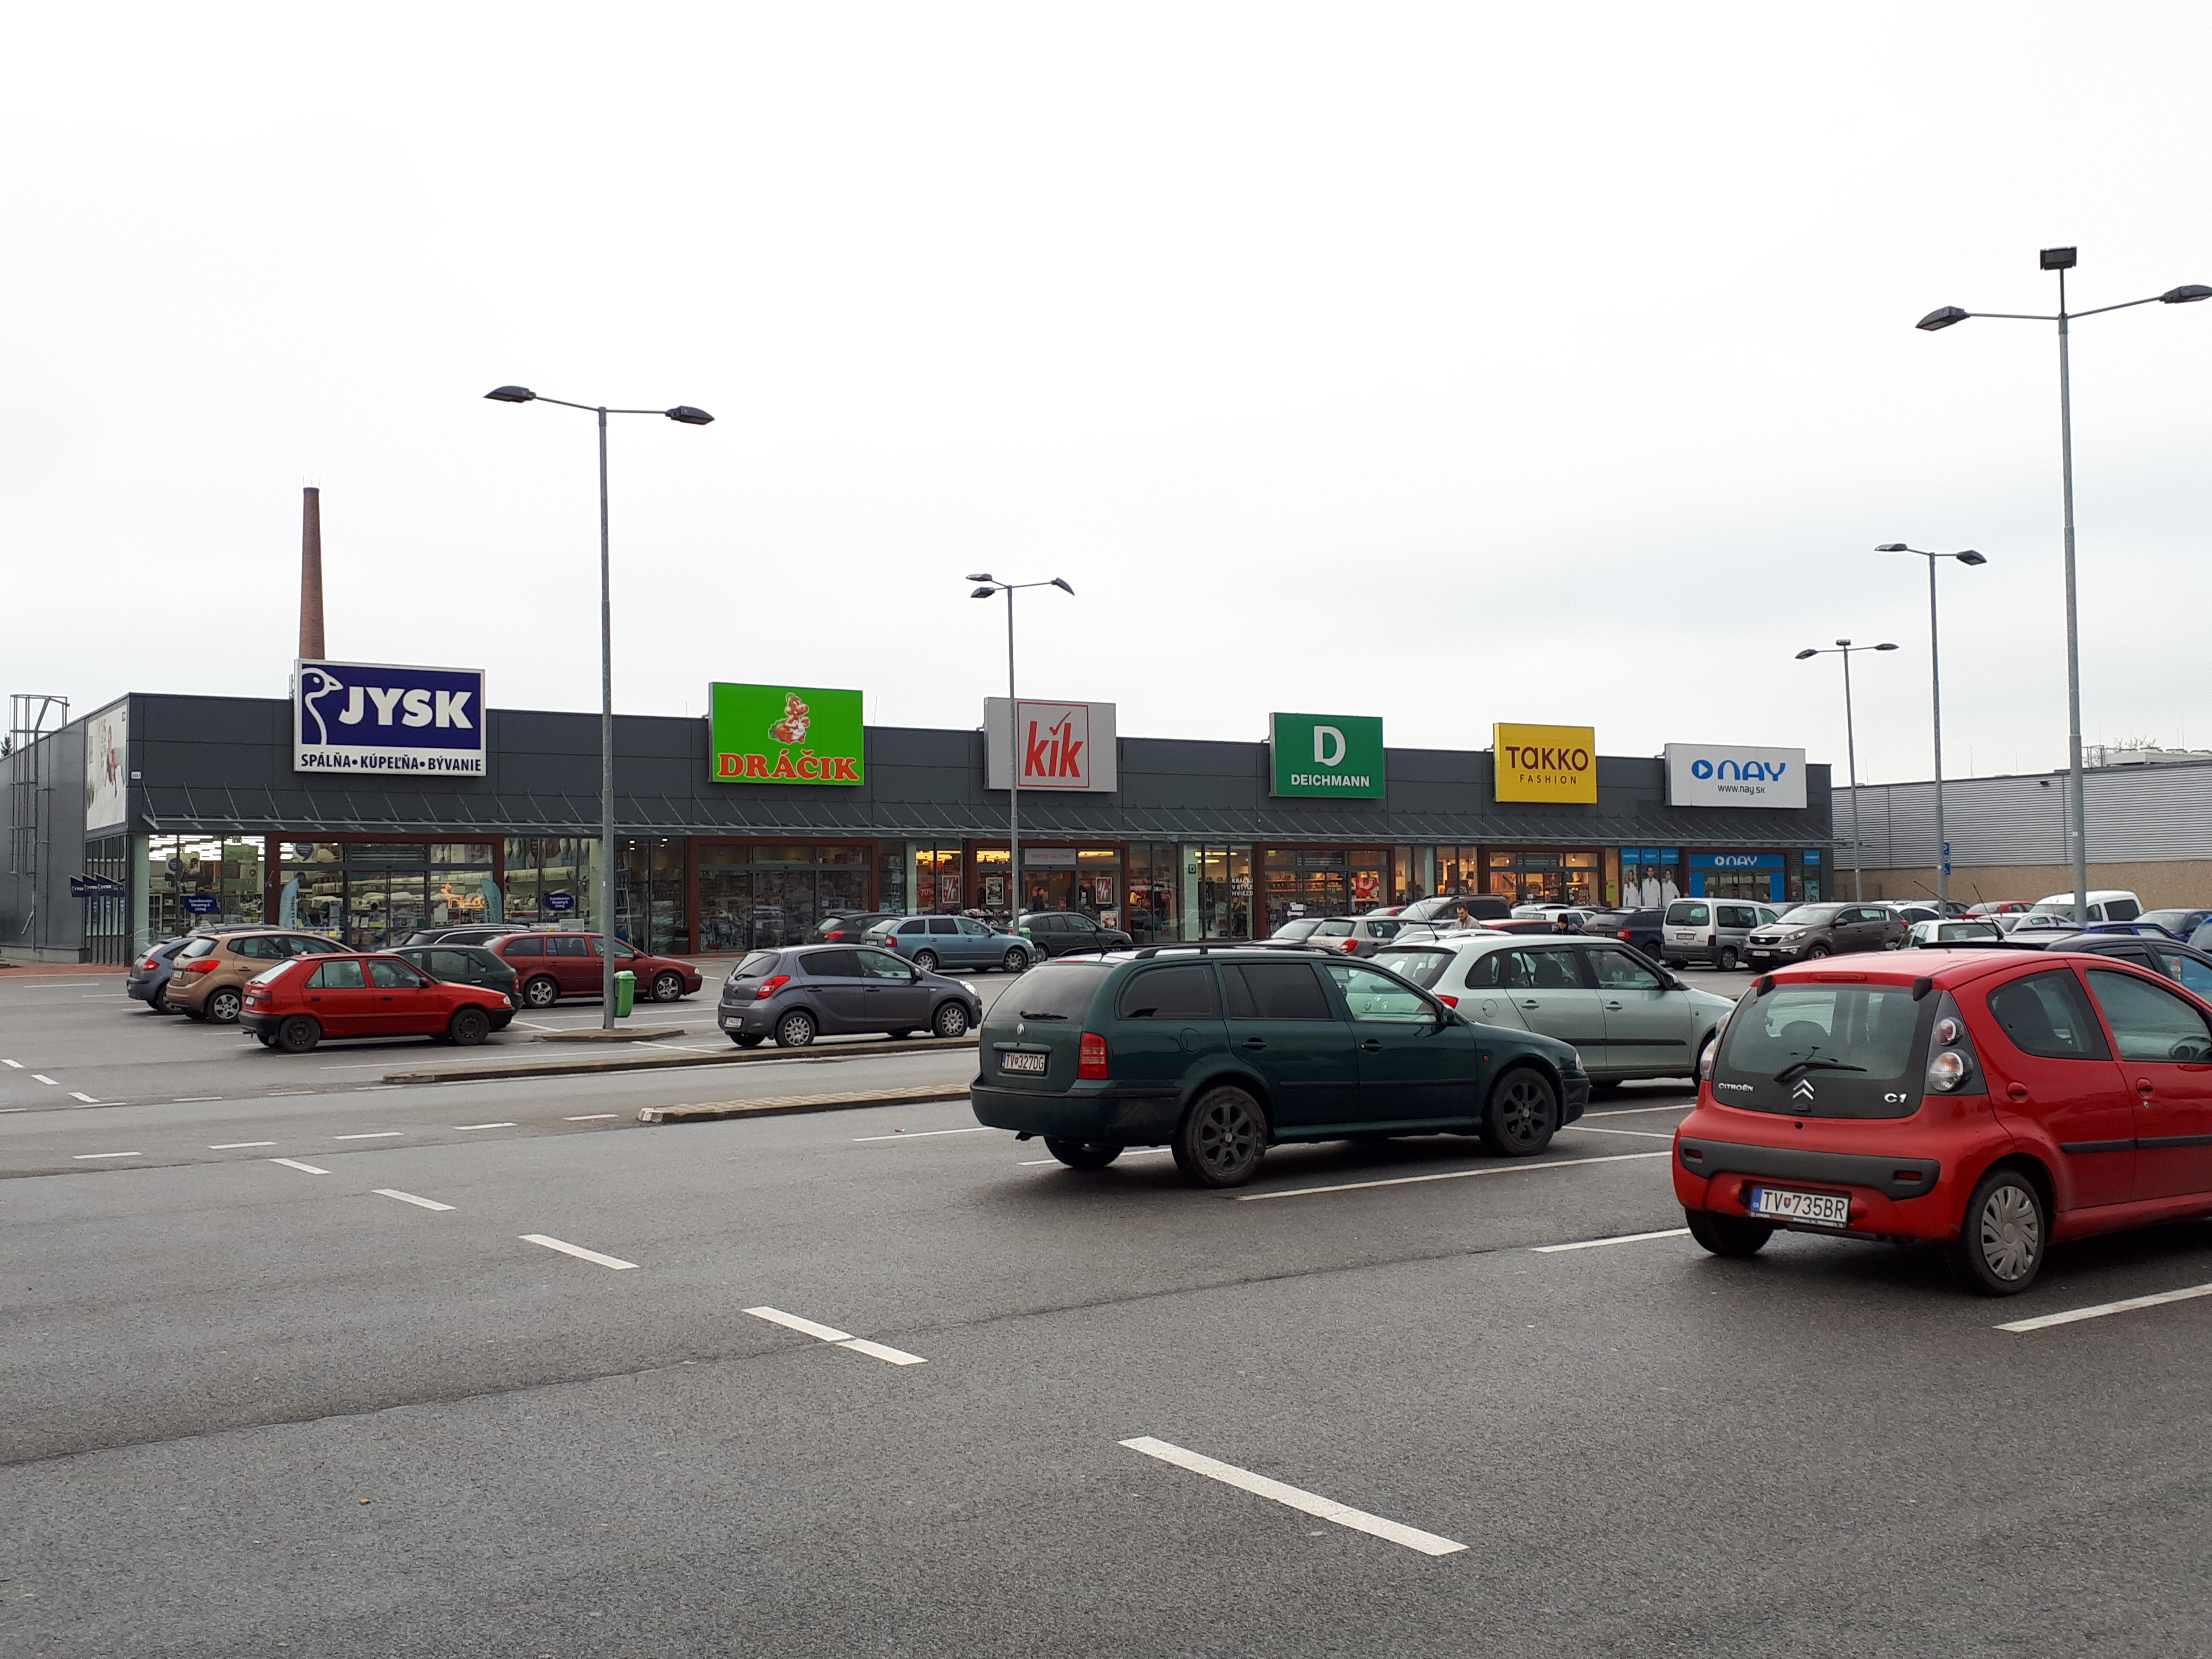 7bcc2b61aaab8 Obchodná galéria Naša v Košiciach